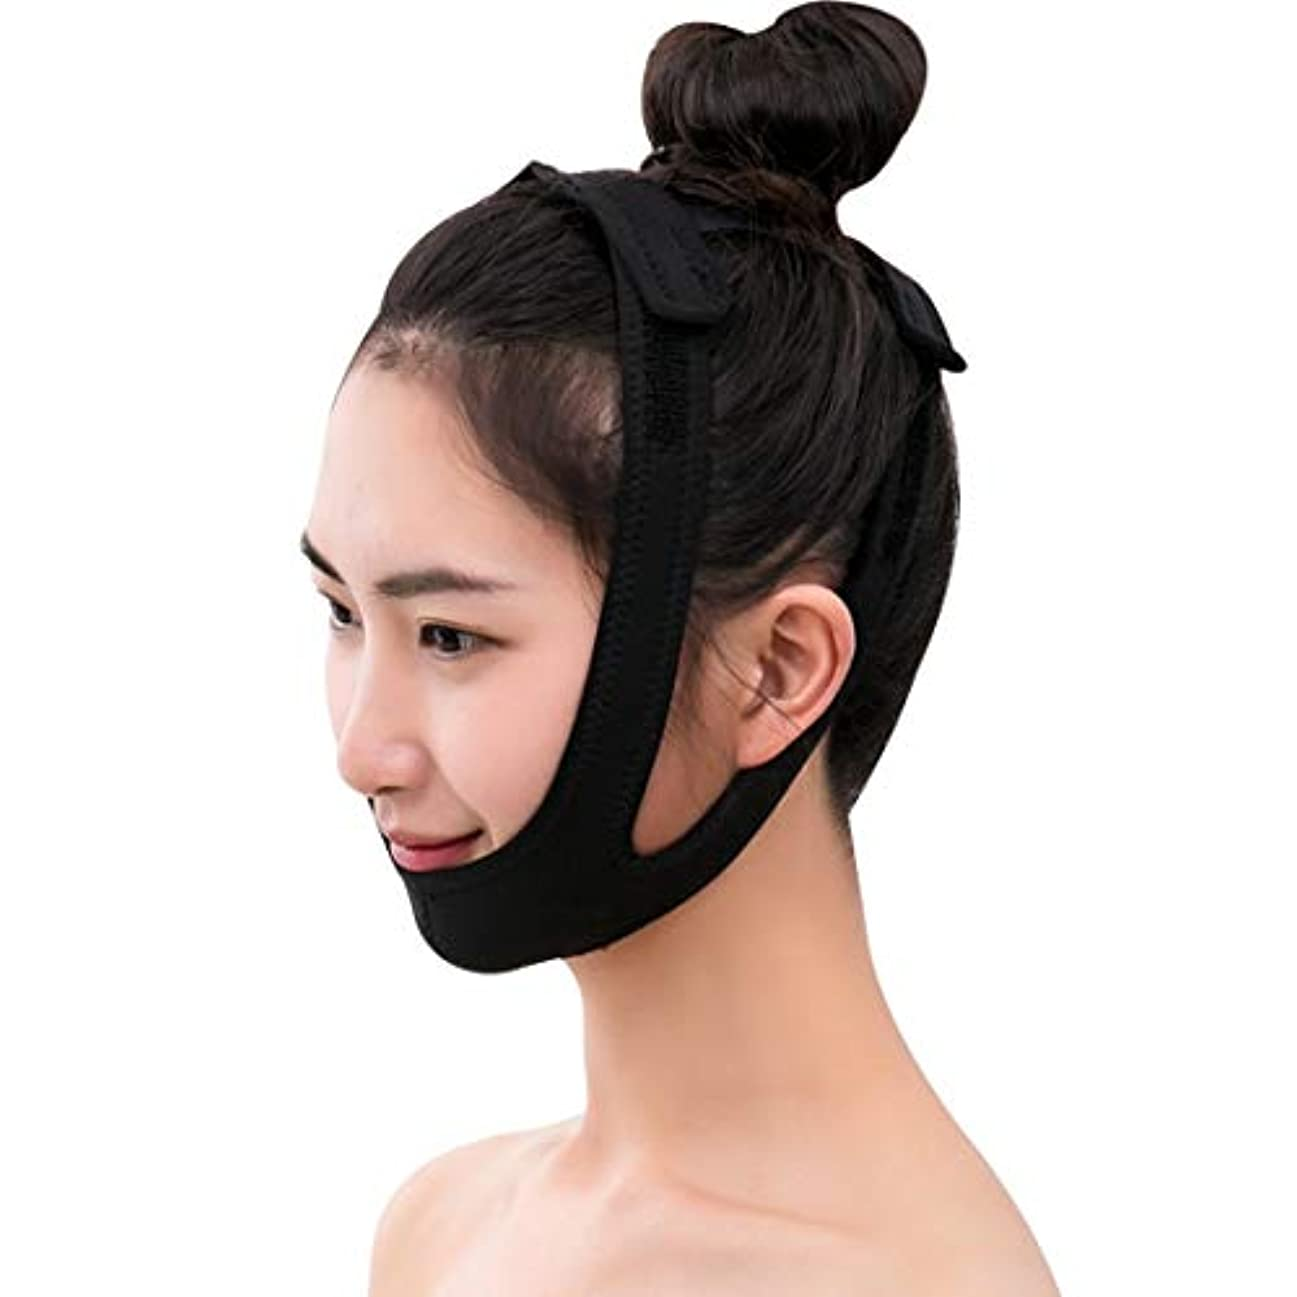 ZWBD フェイスマスク, フェイスリフティング包帯マスク小さなVフェイス包帯はツールで引くことができます睡眠薄い顔の顔の持ち上がる美顔のマッサージ調整可能なサイズブラック